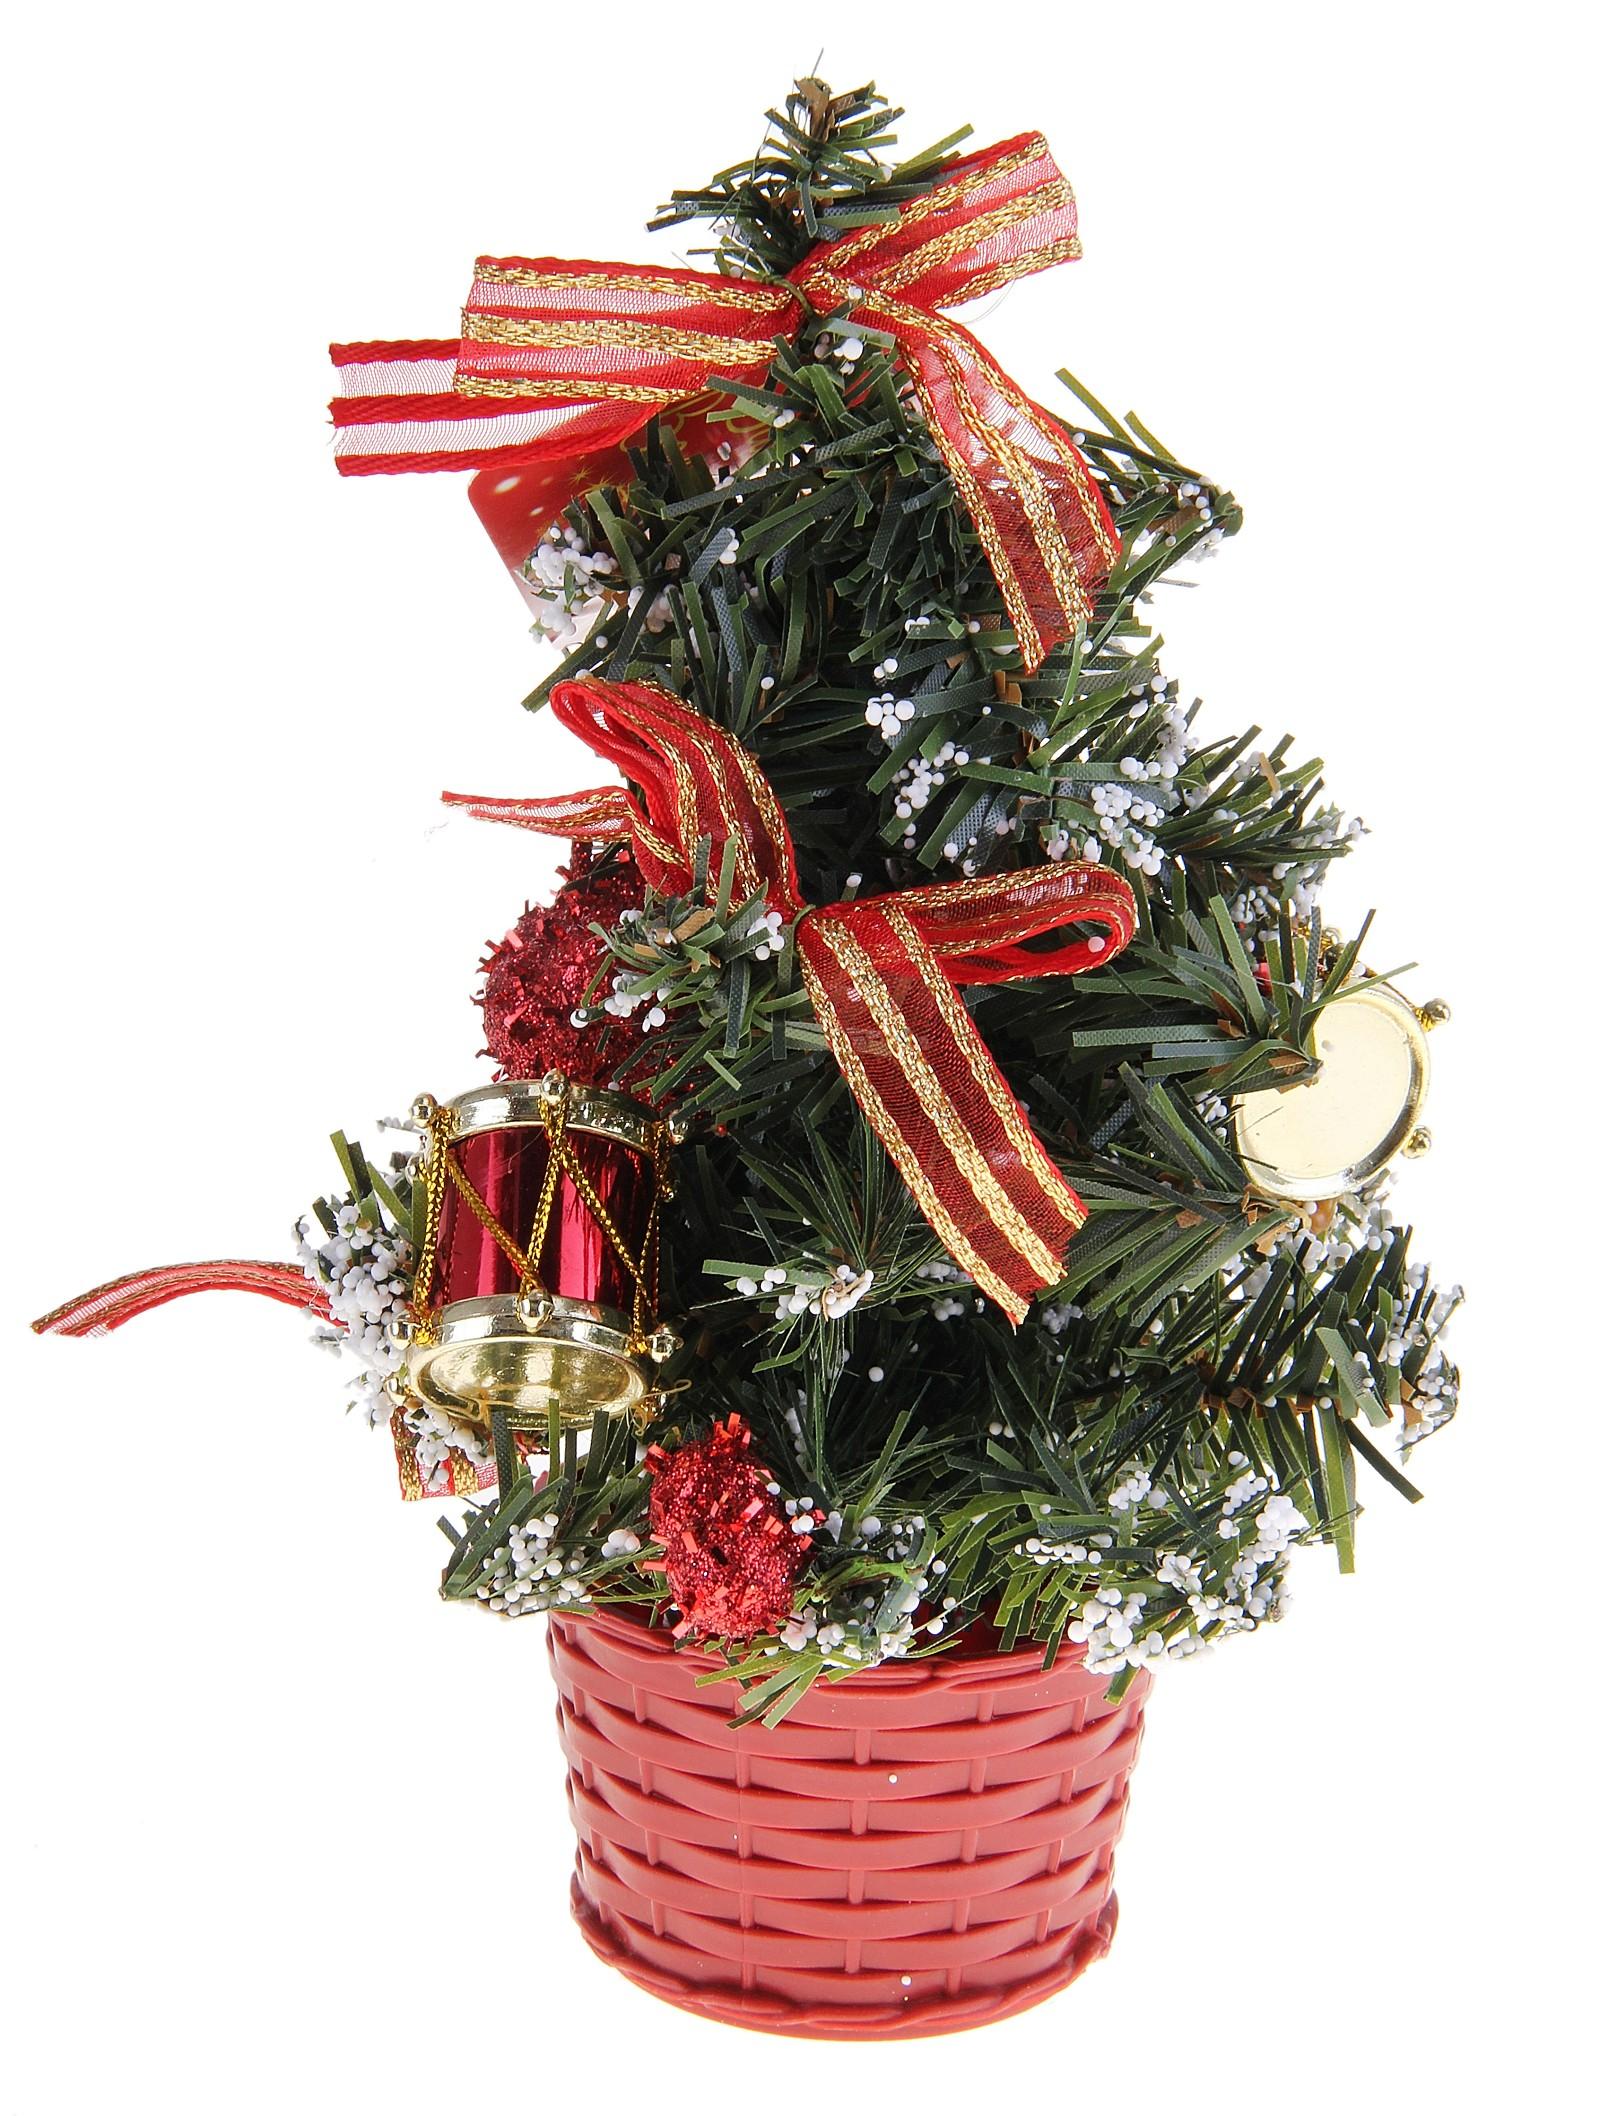 Декоративное украшение Новогодняя елочка, цвет: зеленый, красный, высота 20 см. 717967717967Декоративное украшение, выполненное из пластика - мини-елочка зеленого цвета для оформления интерьера к Новому году. Ее не нужно ни собирать, ни наряжать, зато настроение праздника она создает очень быстро. Елка украшена лентами, барабанами и шариками. Елка украсит интерьер вашего дома или офиса к Новому году и создаст теплую и уютную атмосферу праздника.Откройте для себя удивительный мир сказок и грез. Почувствуйте волшебные минуты ожидания праздника, создайте новогоднее настроение вашим дорогим и близким. Характеристики:Материал: пластик, металл, текстиль. Цвет: зеленый, красный. Размер елочки: 12 см х 12 см х 20 см. Артикул: 717967.